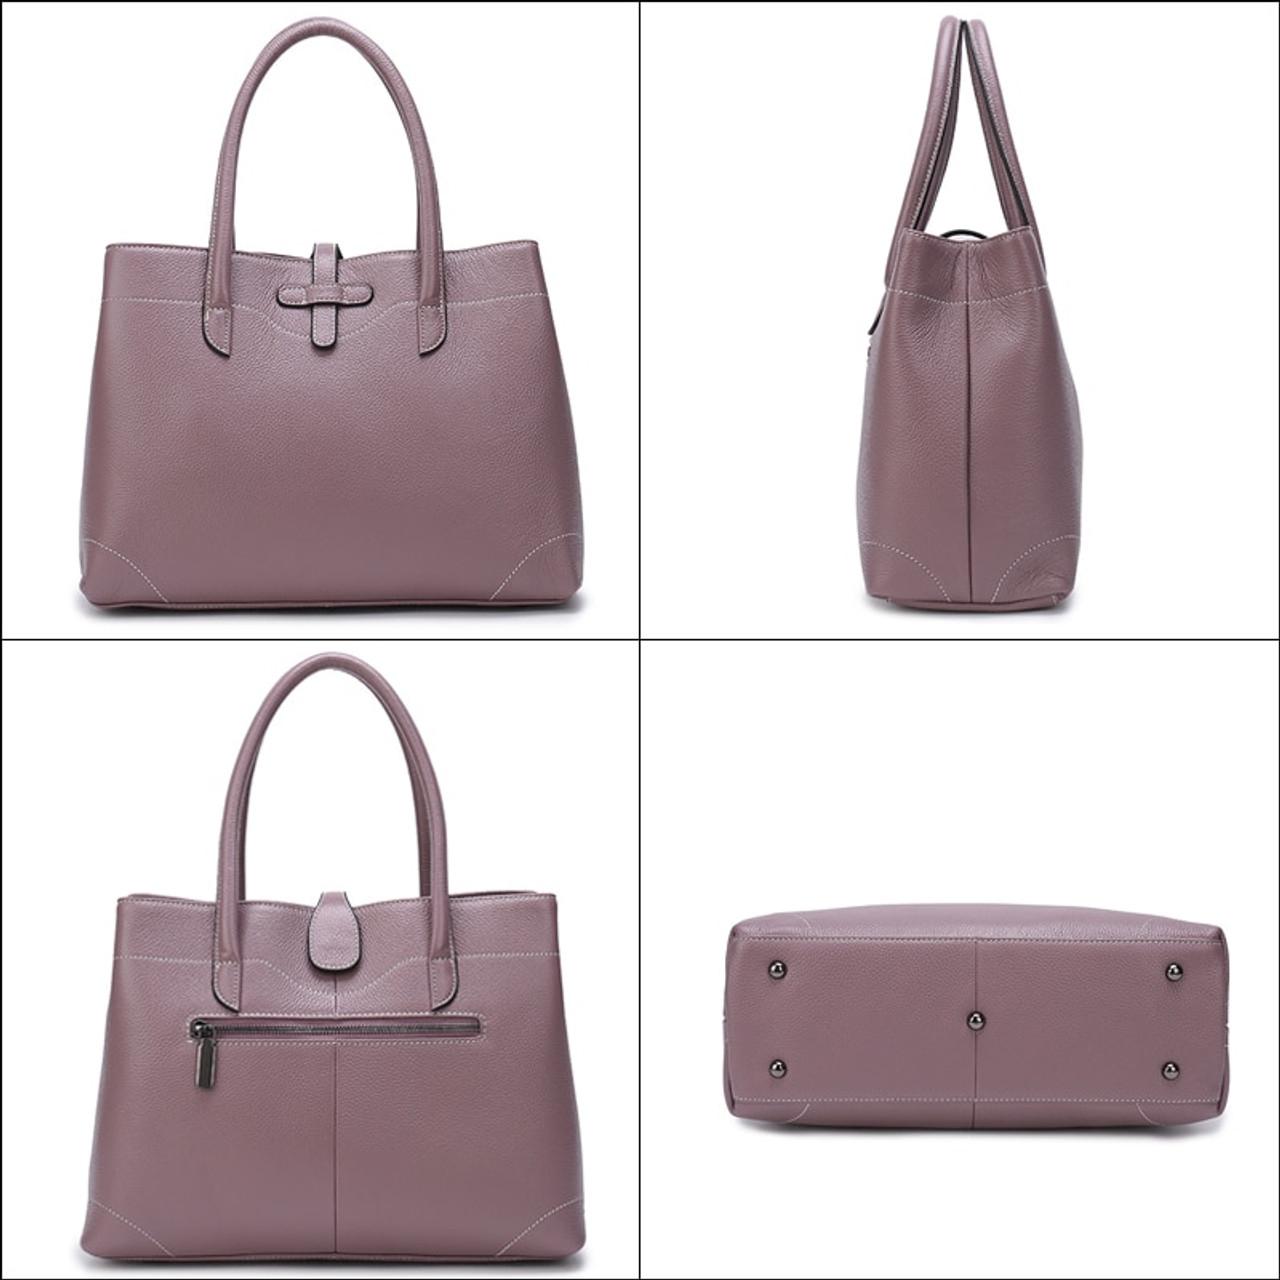 f3e69688d0a1 SHARK Luxury Handbags Women Bags Designer Genuine Leather Bags For Women  Hand bag Female ...